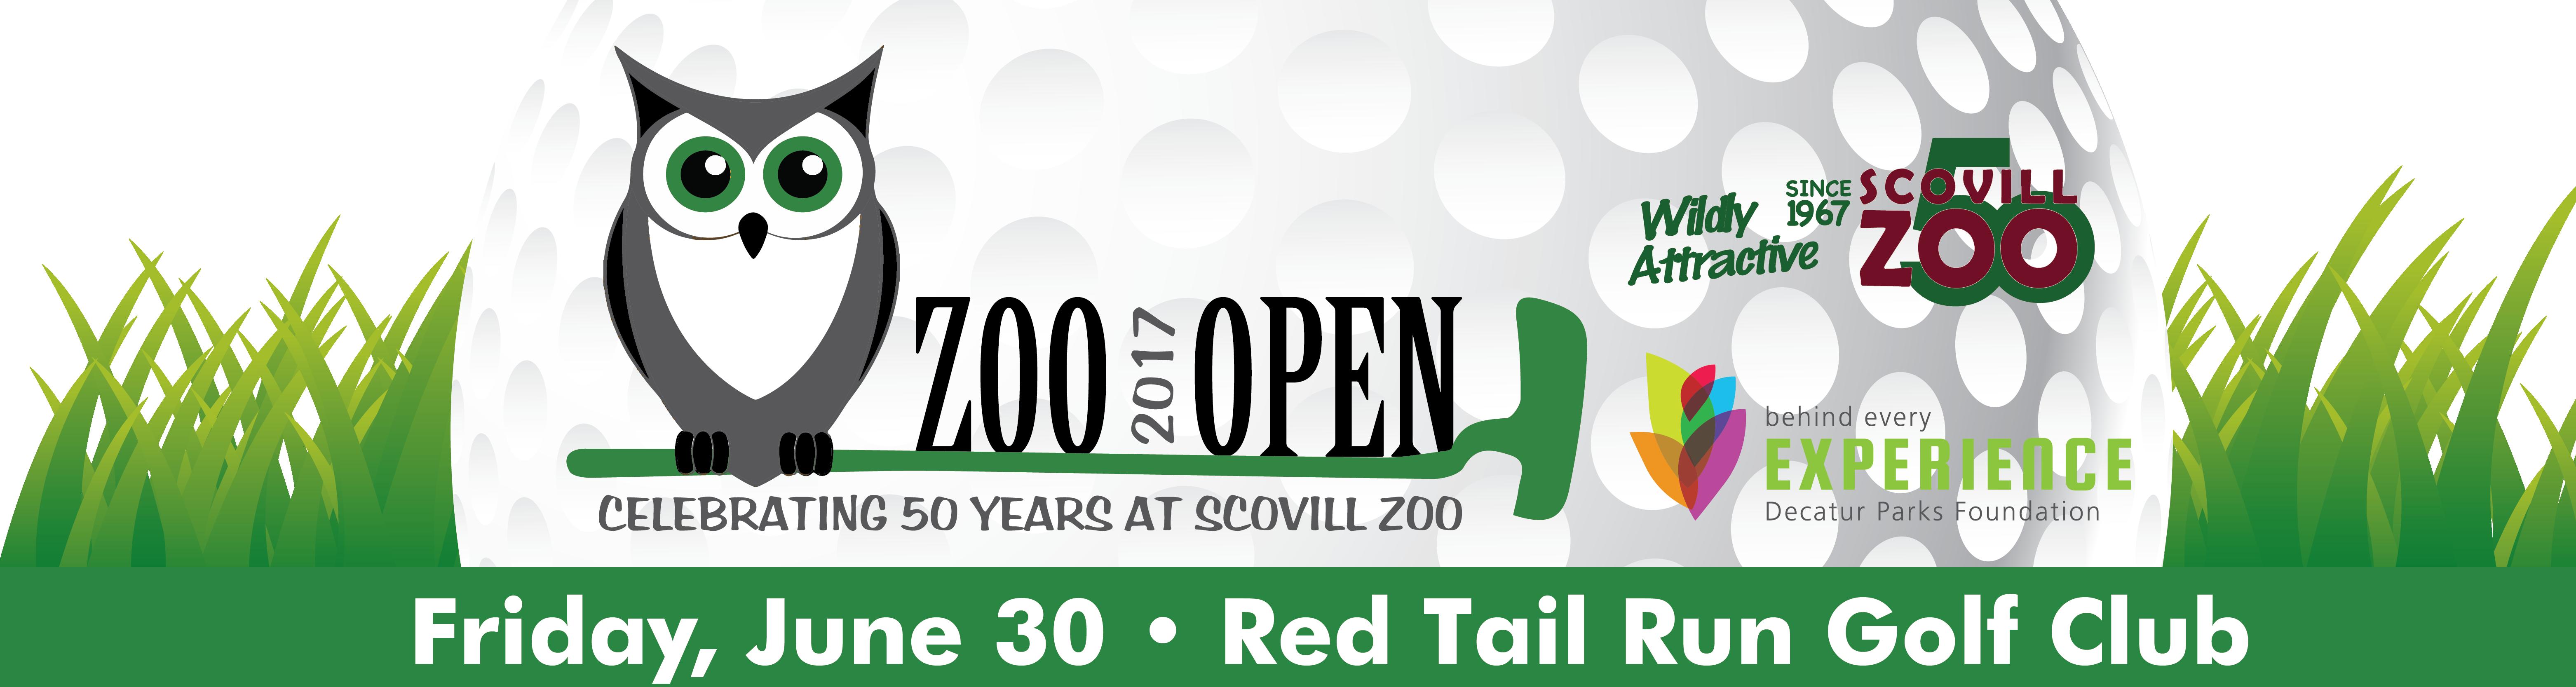 Scovill Zoo Open